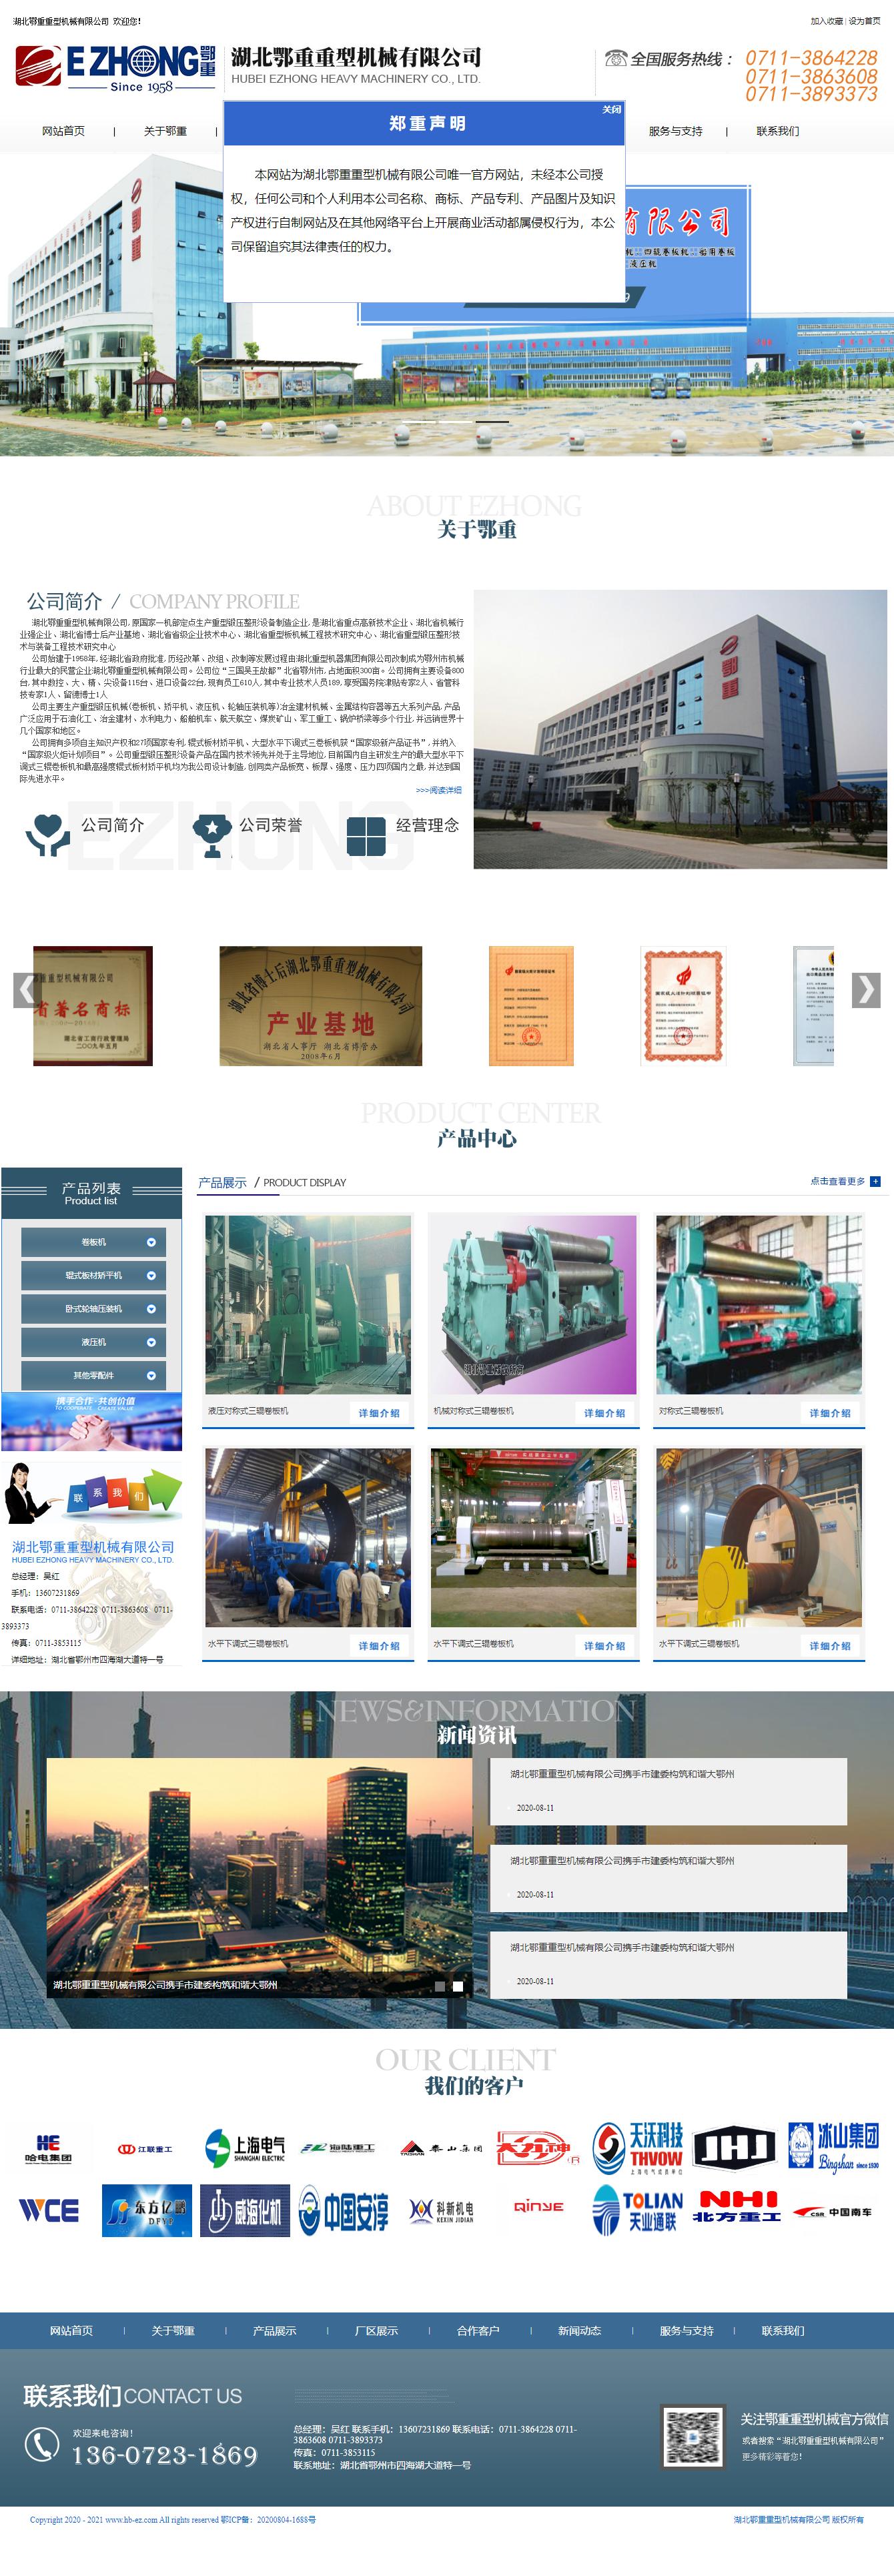 湖北鄂重重型机械有限公司网站案例